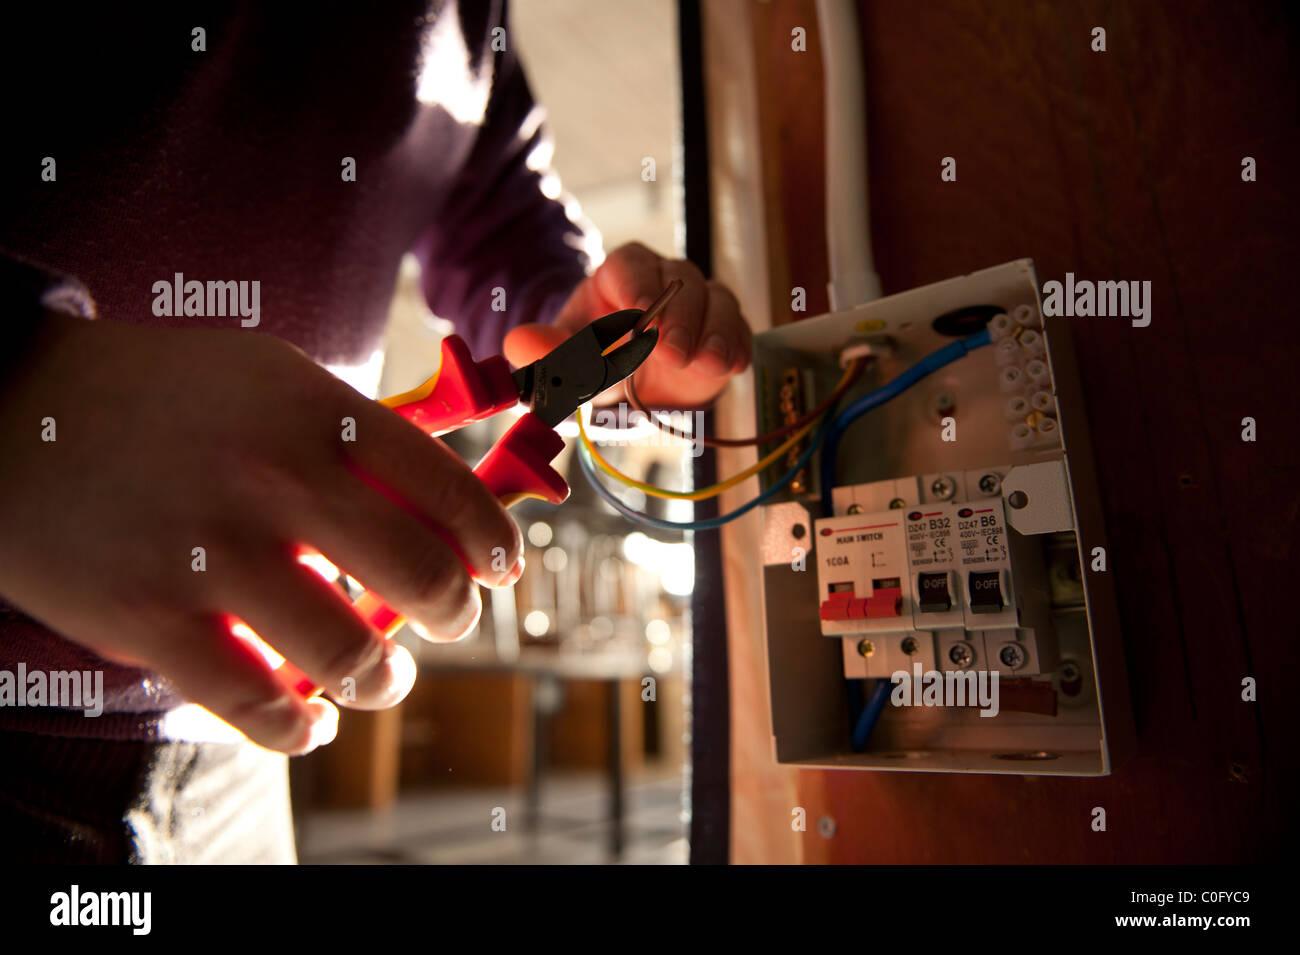 Elektriker trimmen elektrische Leitungen vor der Befestigung an einem Netz Sicherungskasten, UK Stockfoto